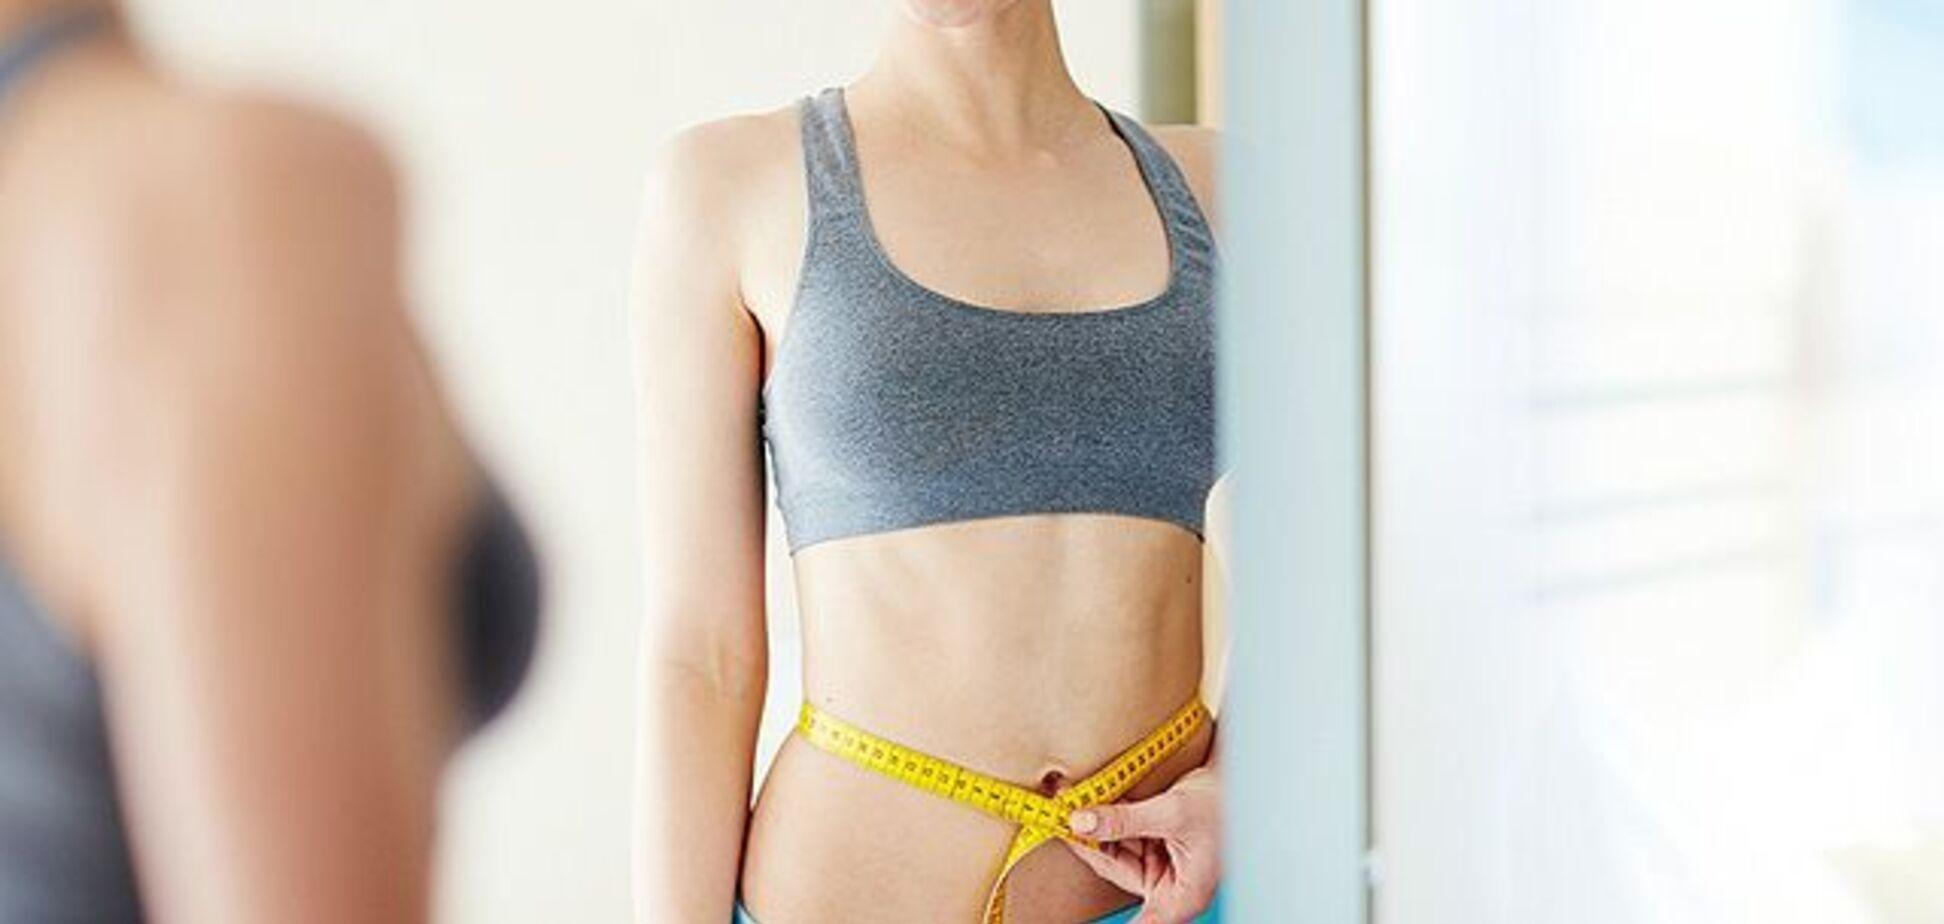 Як швидко схуднути після свят: топ-3 поради